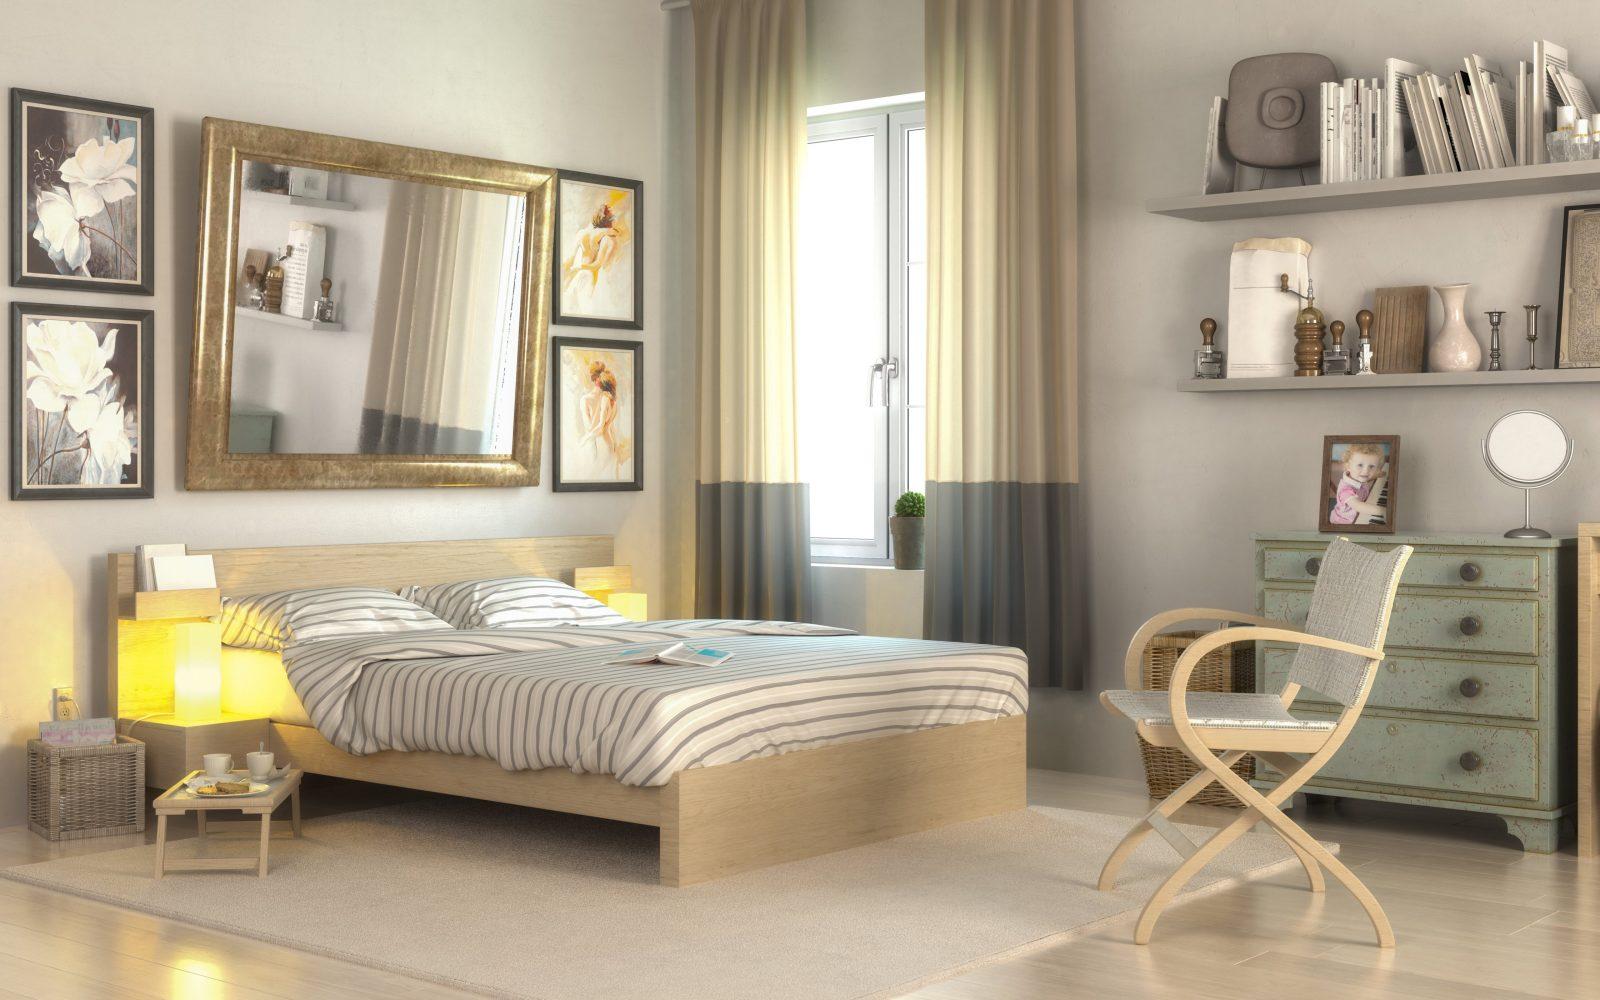 Kleines Schlafzimmer Einrichten So Können Sie Den Platz Optimal Nutzen von Kleiderschrank Ideen Kleines Zimmer Bild